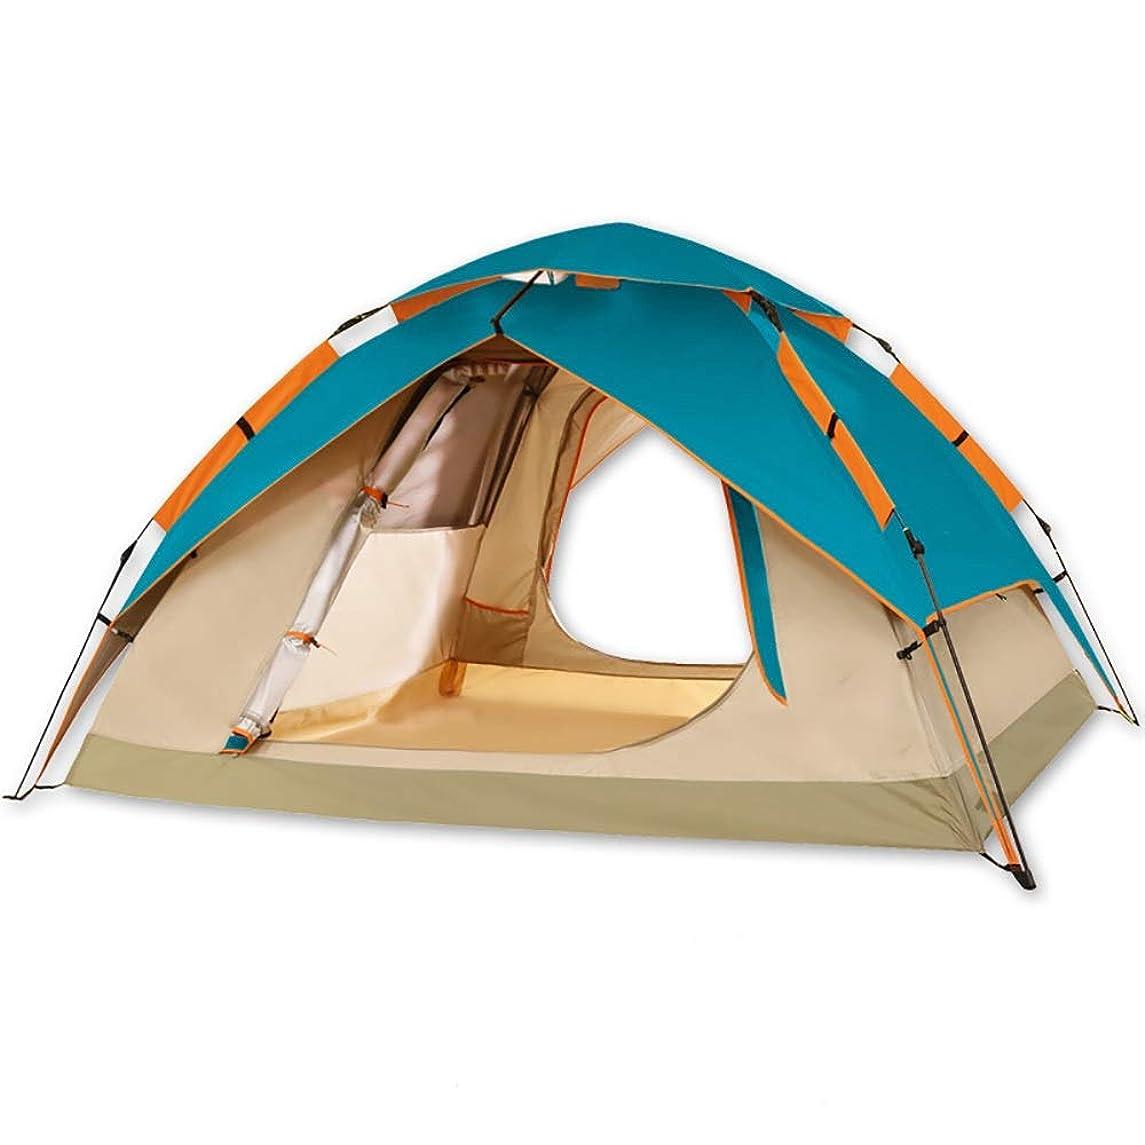 柔らかいカウンタメッセンジャーテントキャンプ、全自動屋外3-4人家族のテント、ダブル肥厚キャンプ防雨テントの防水カラーカメラ付防風アンチUV 0602 (Color : Lake blue)